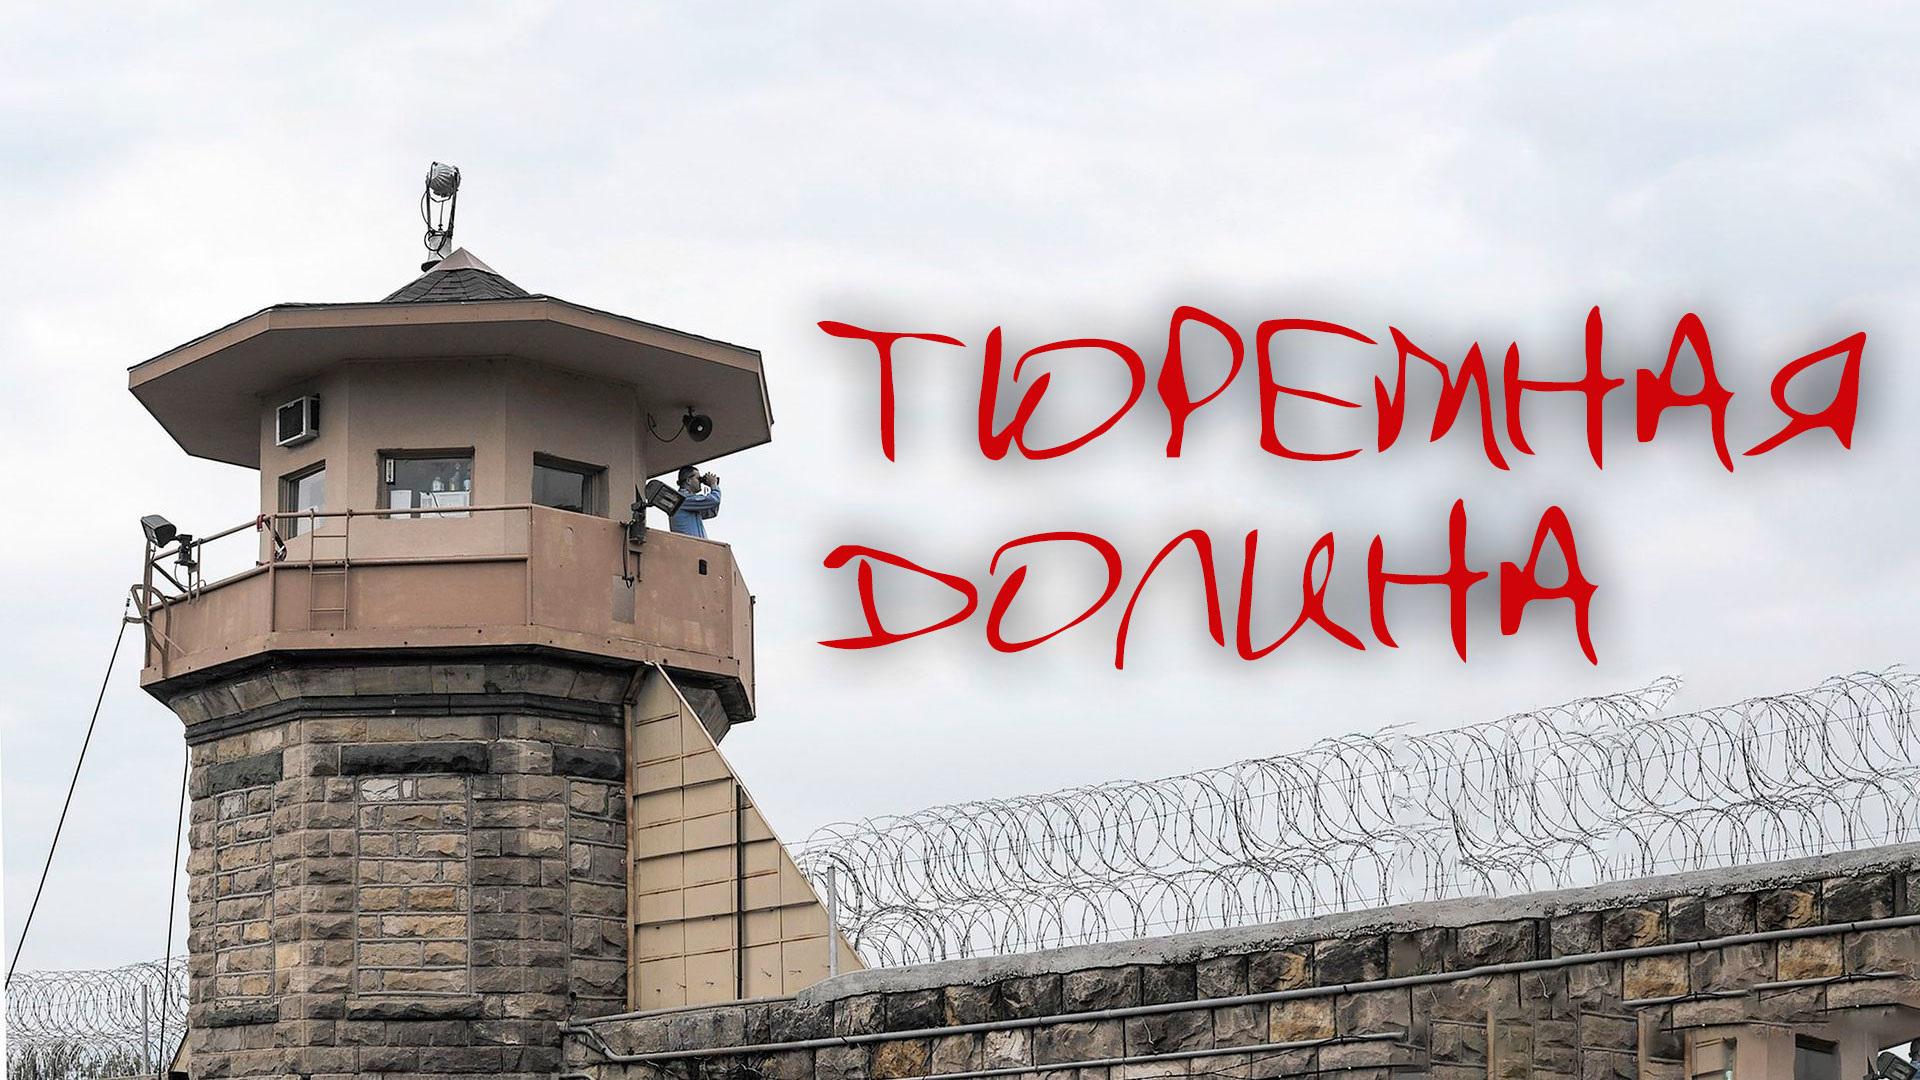 Тюремная долина